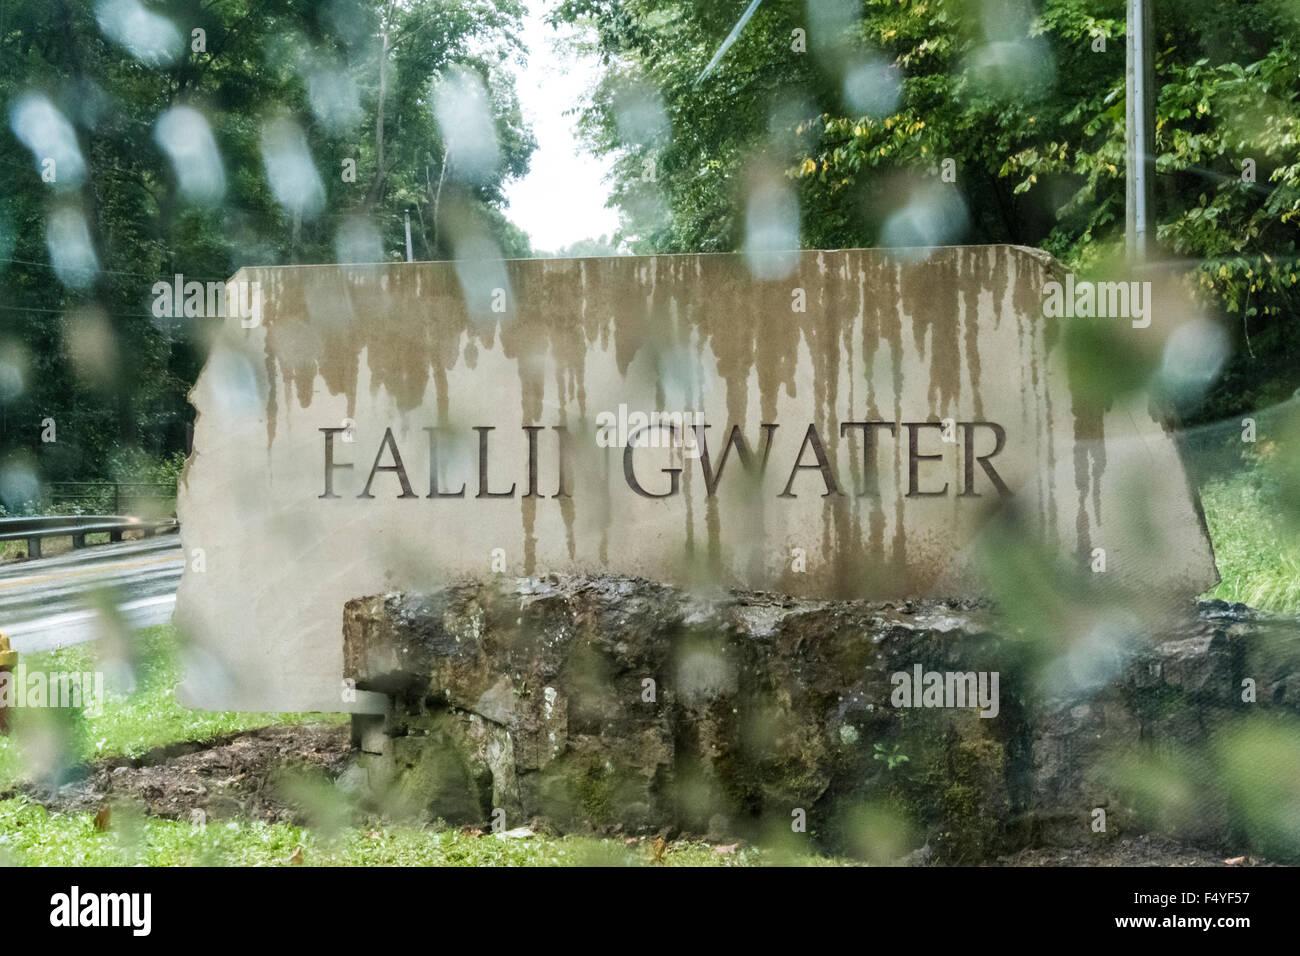 Fallingwater Straßenschild im Regen. Stockbild